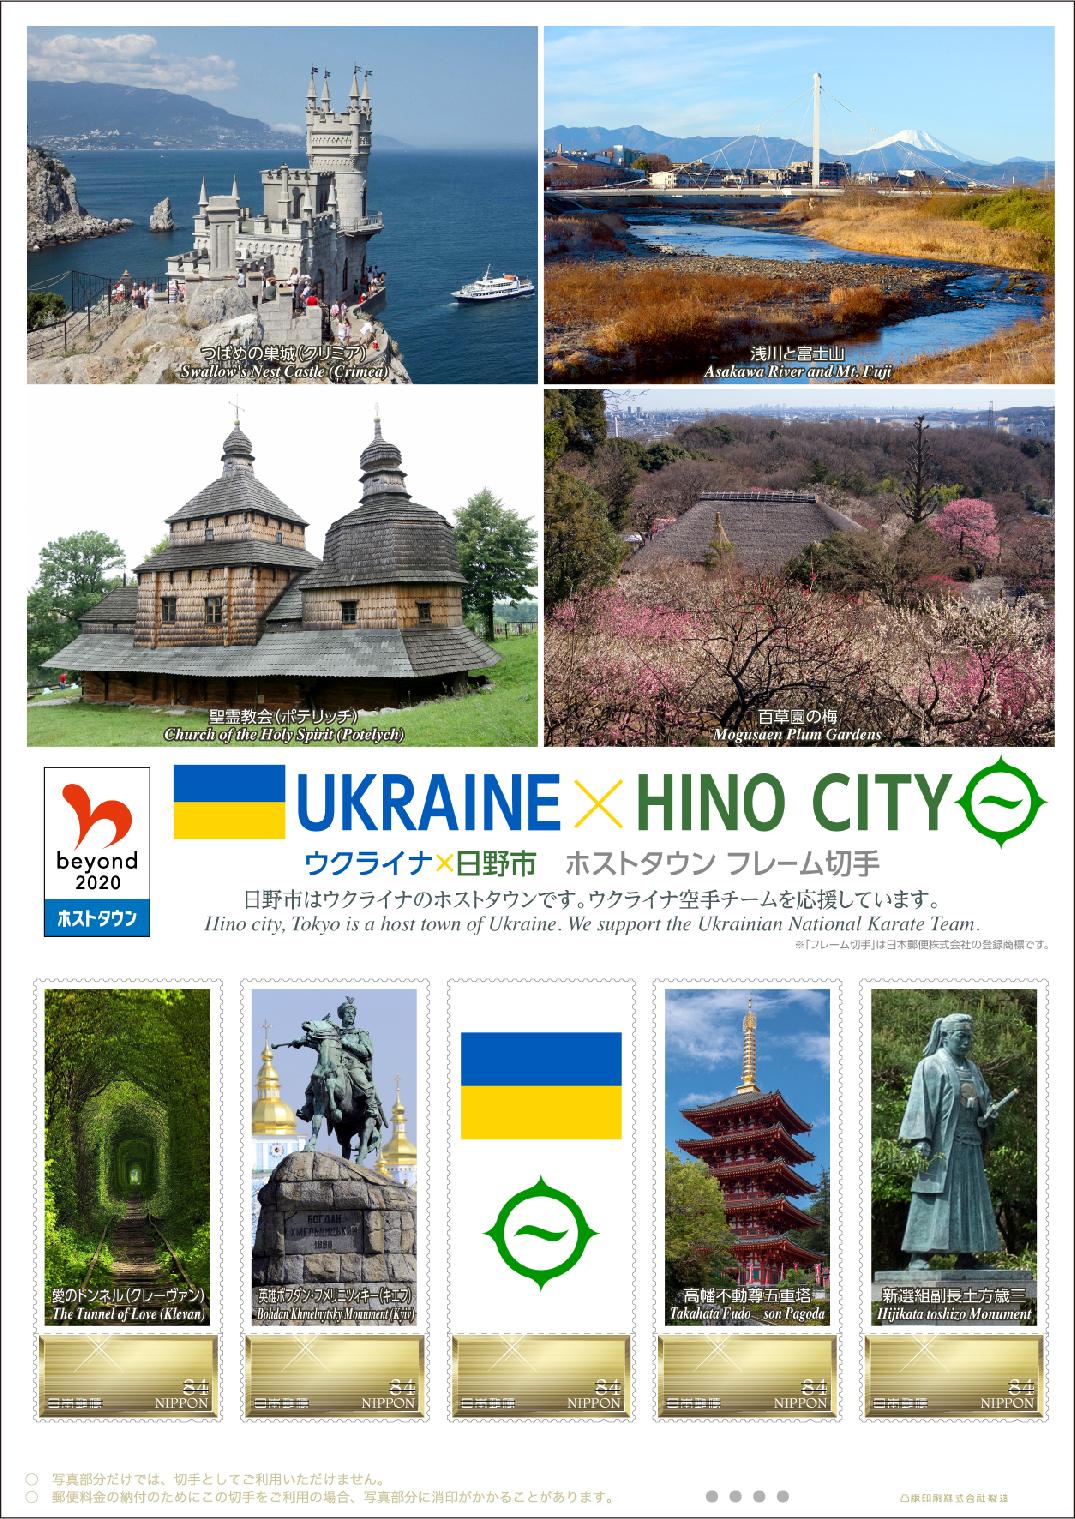 フレーム切手デザイン:日本郵便